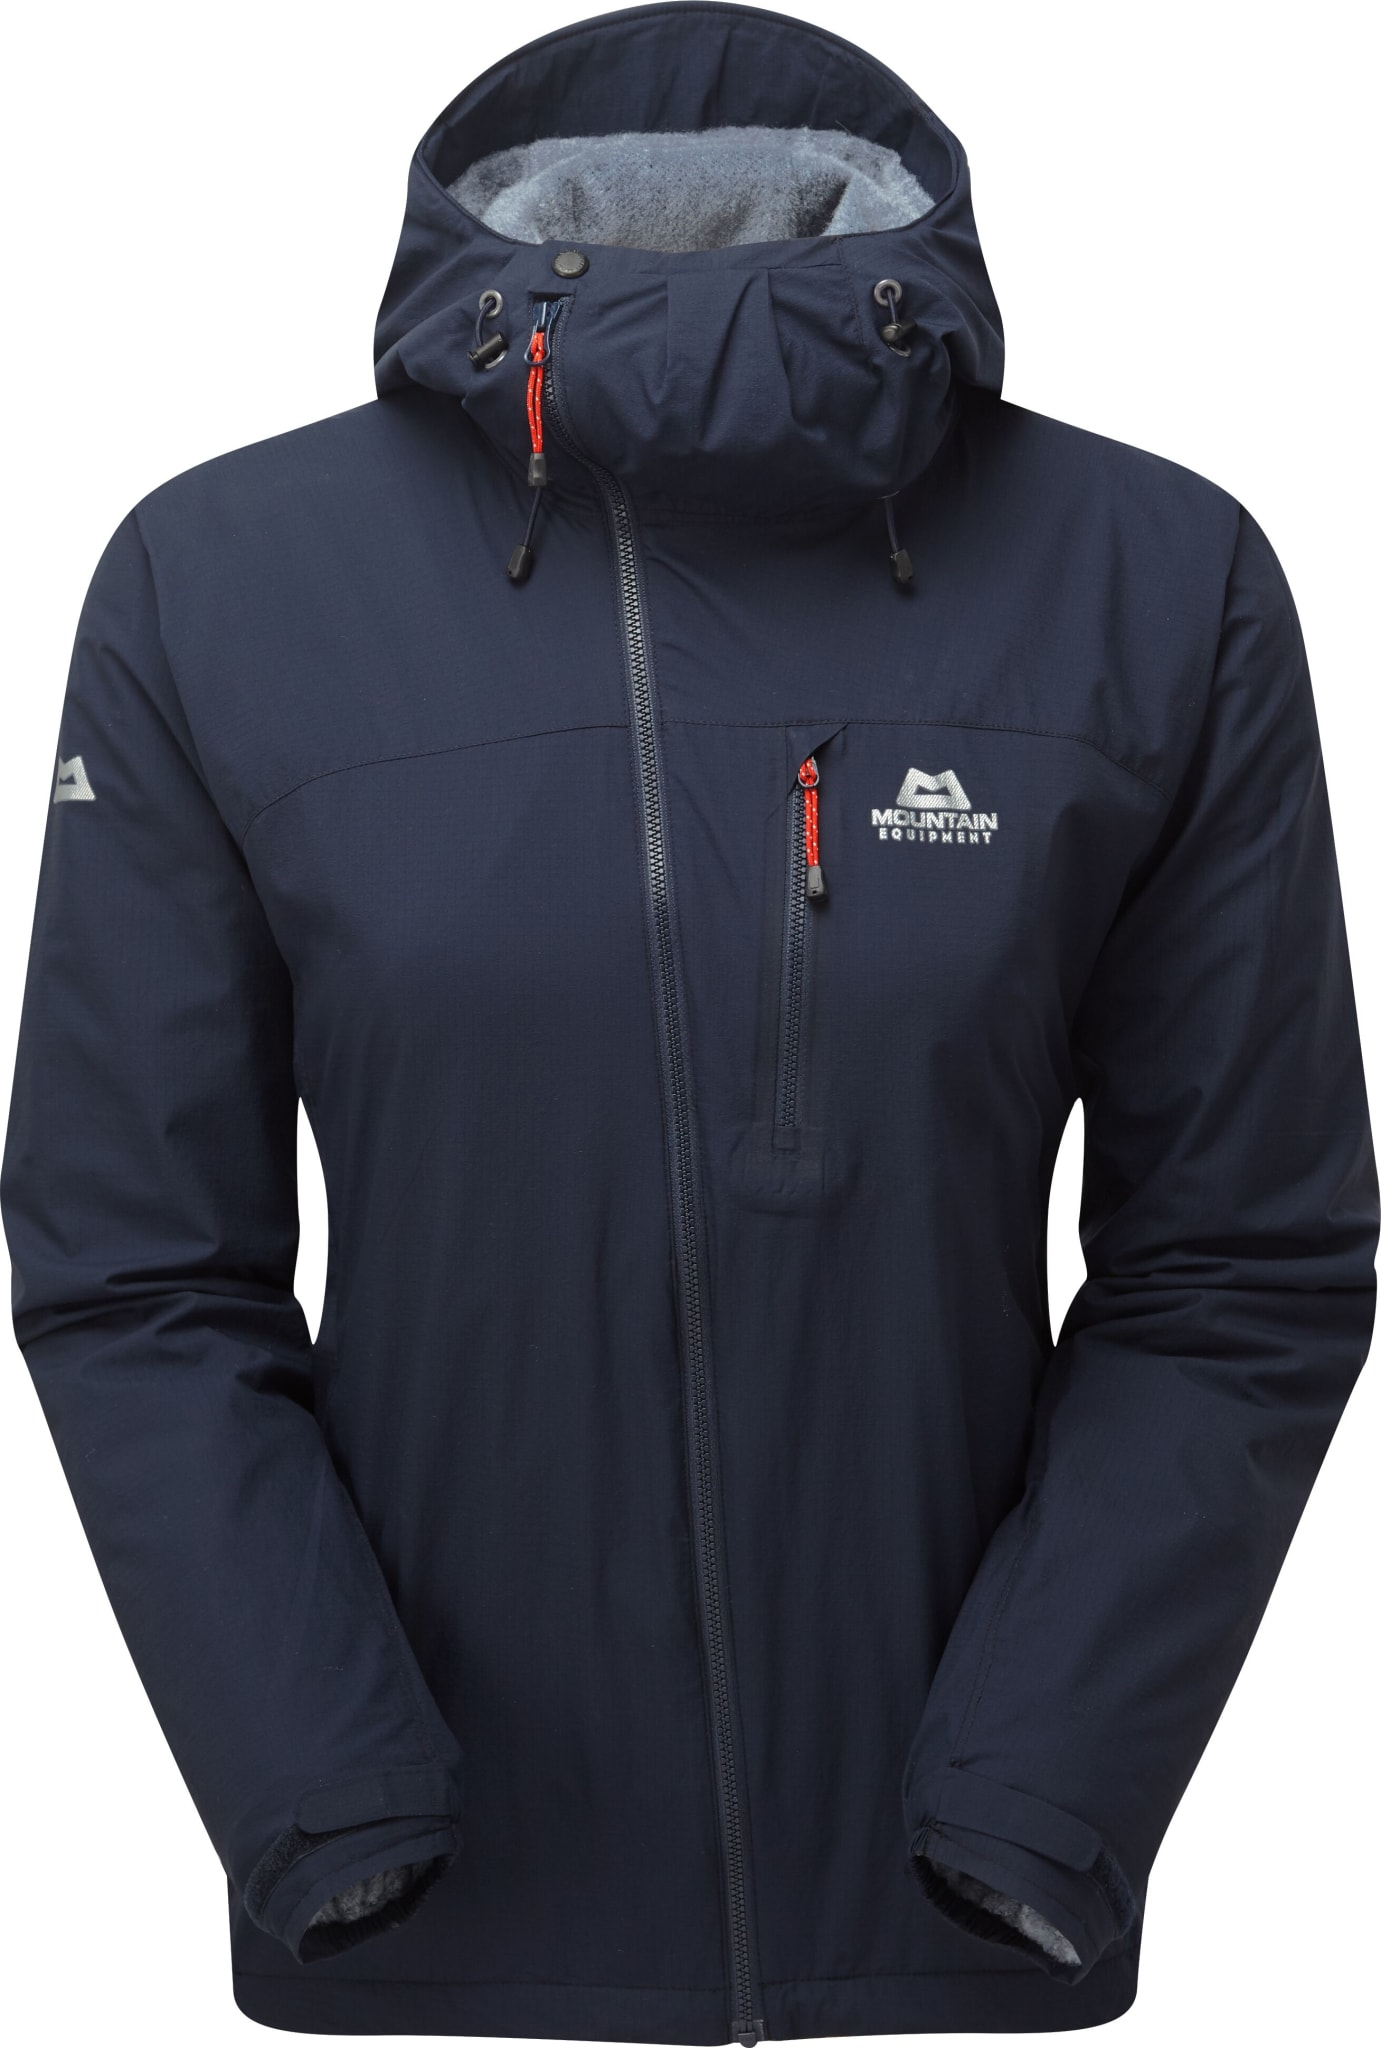 Lett isolert jakke til aktivt bruk